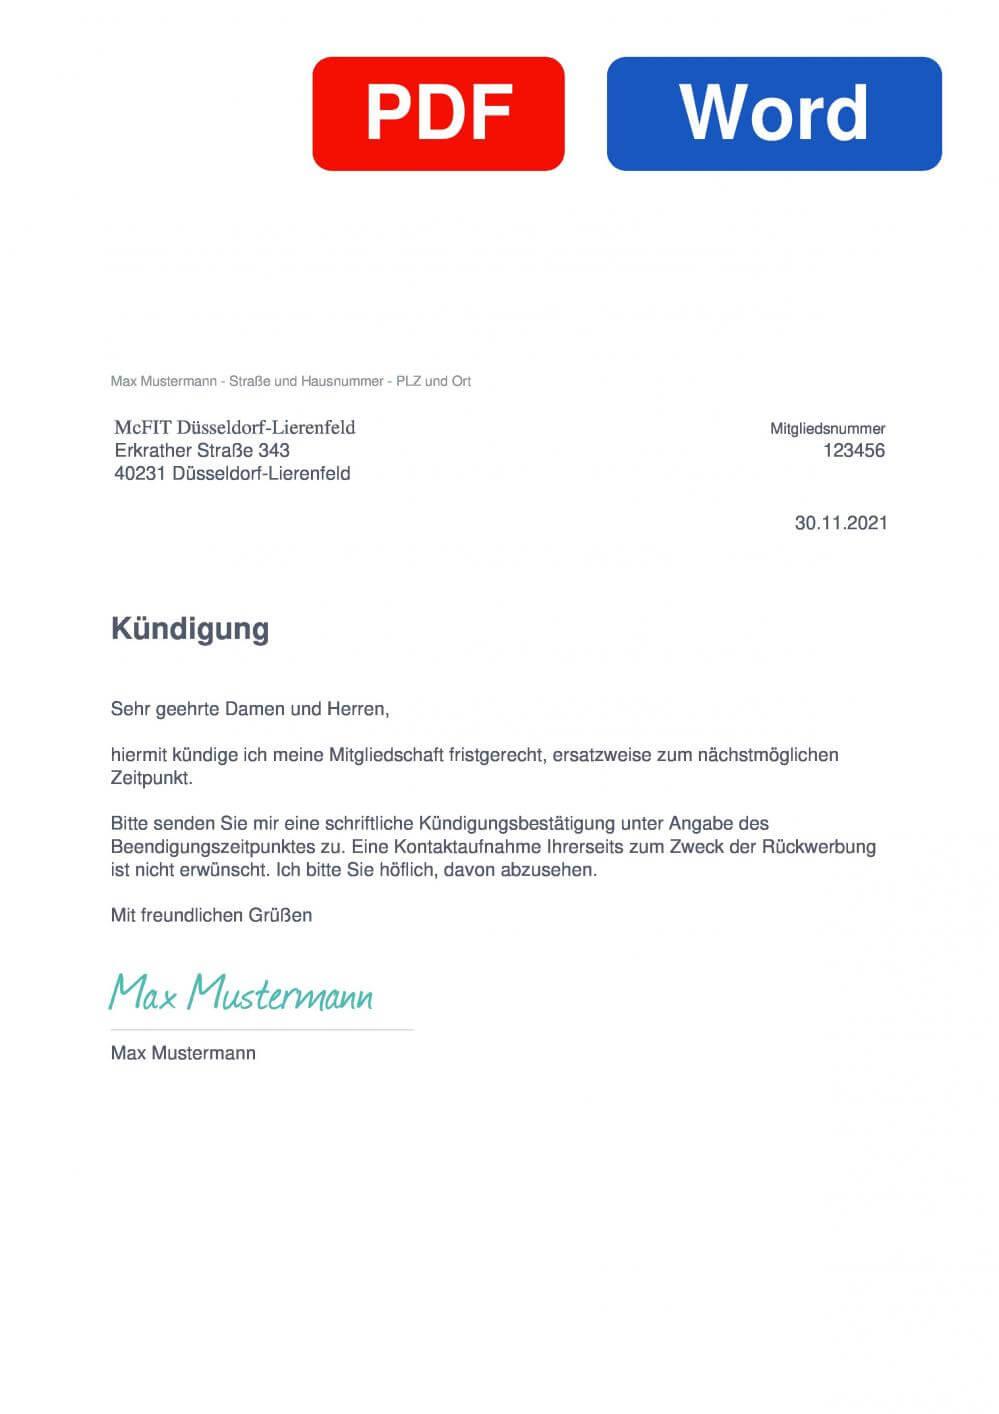 McFIT Düsseldorf-Lierenfeld Muster Vorlage für Kündigungsschreiben